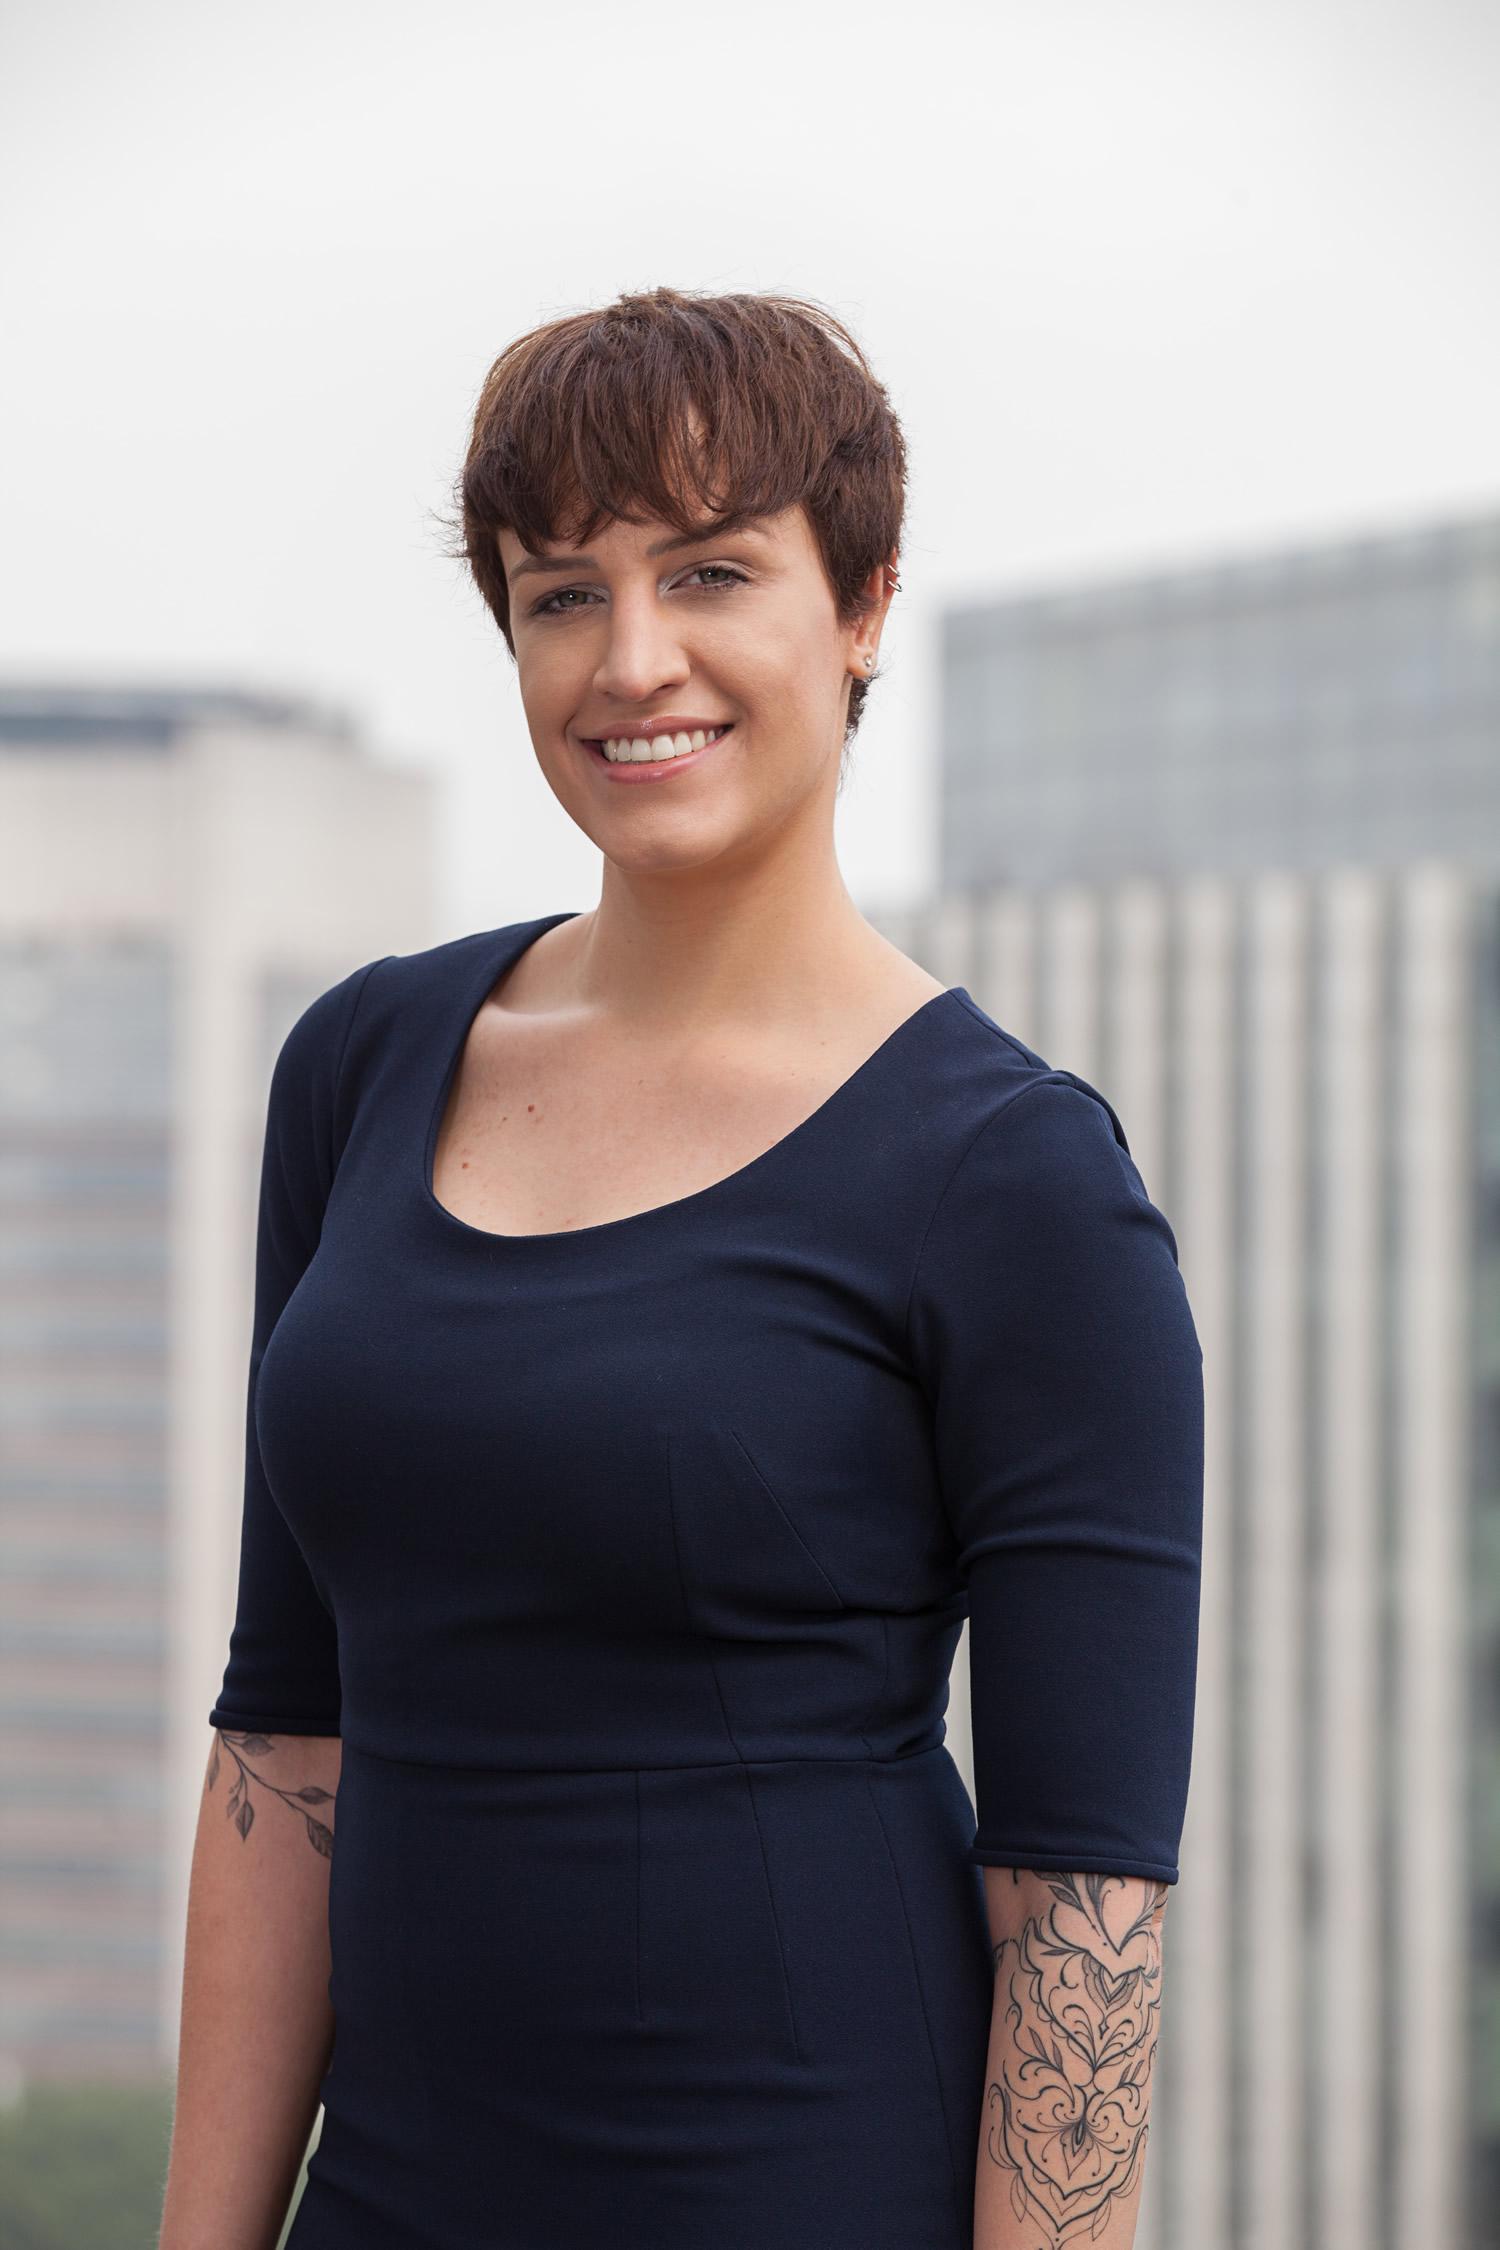 Julia Somilio Marchini